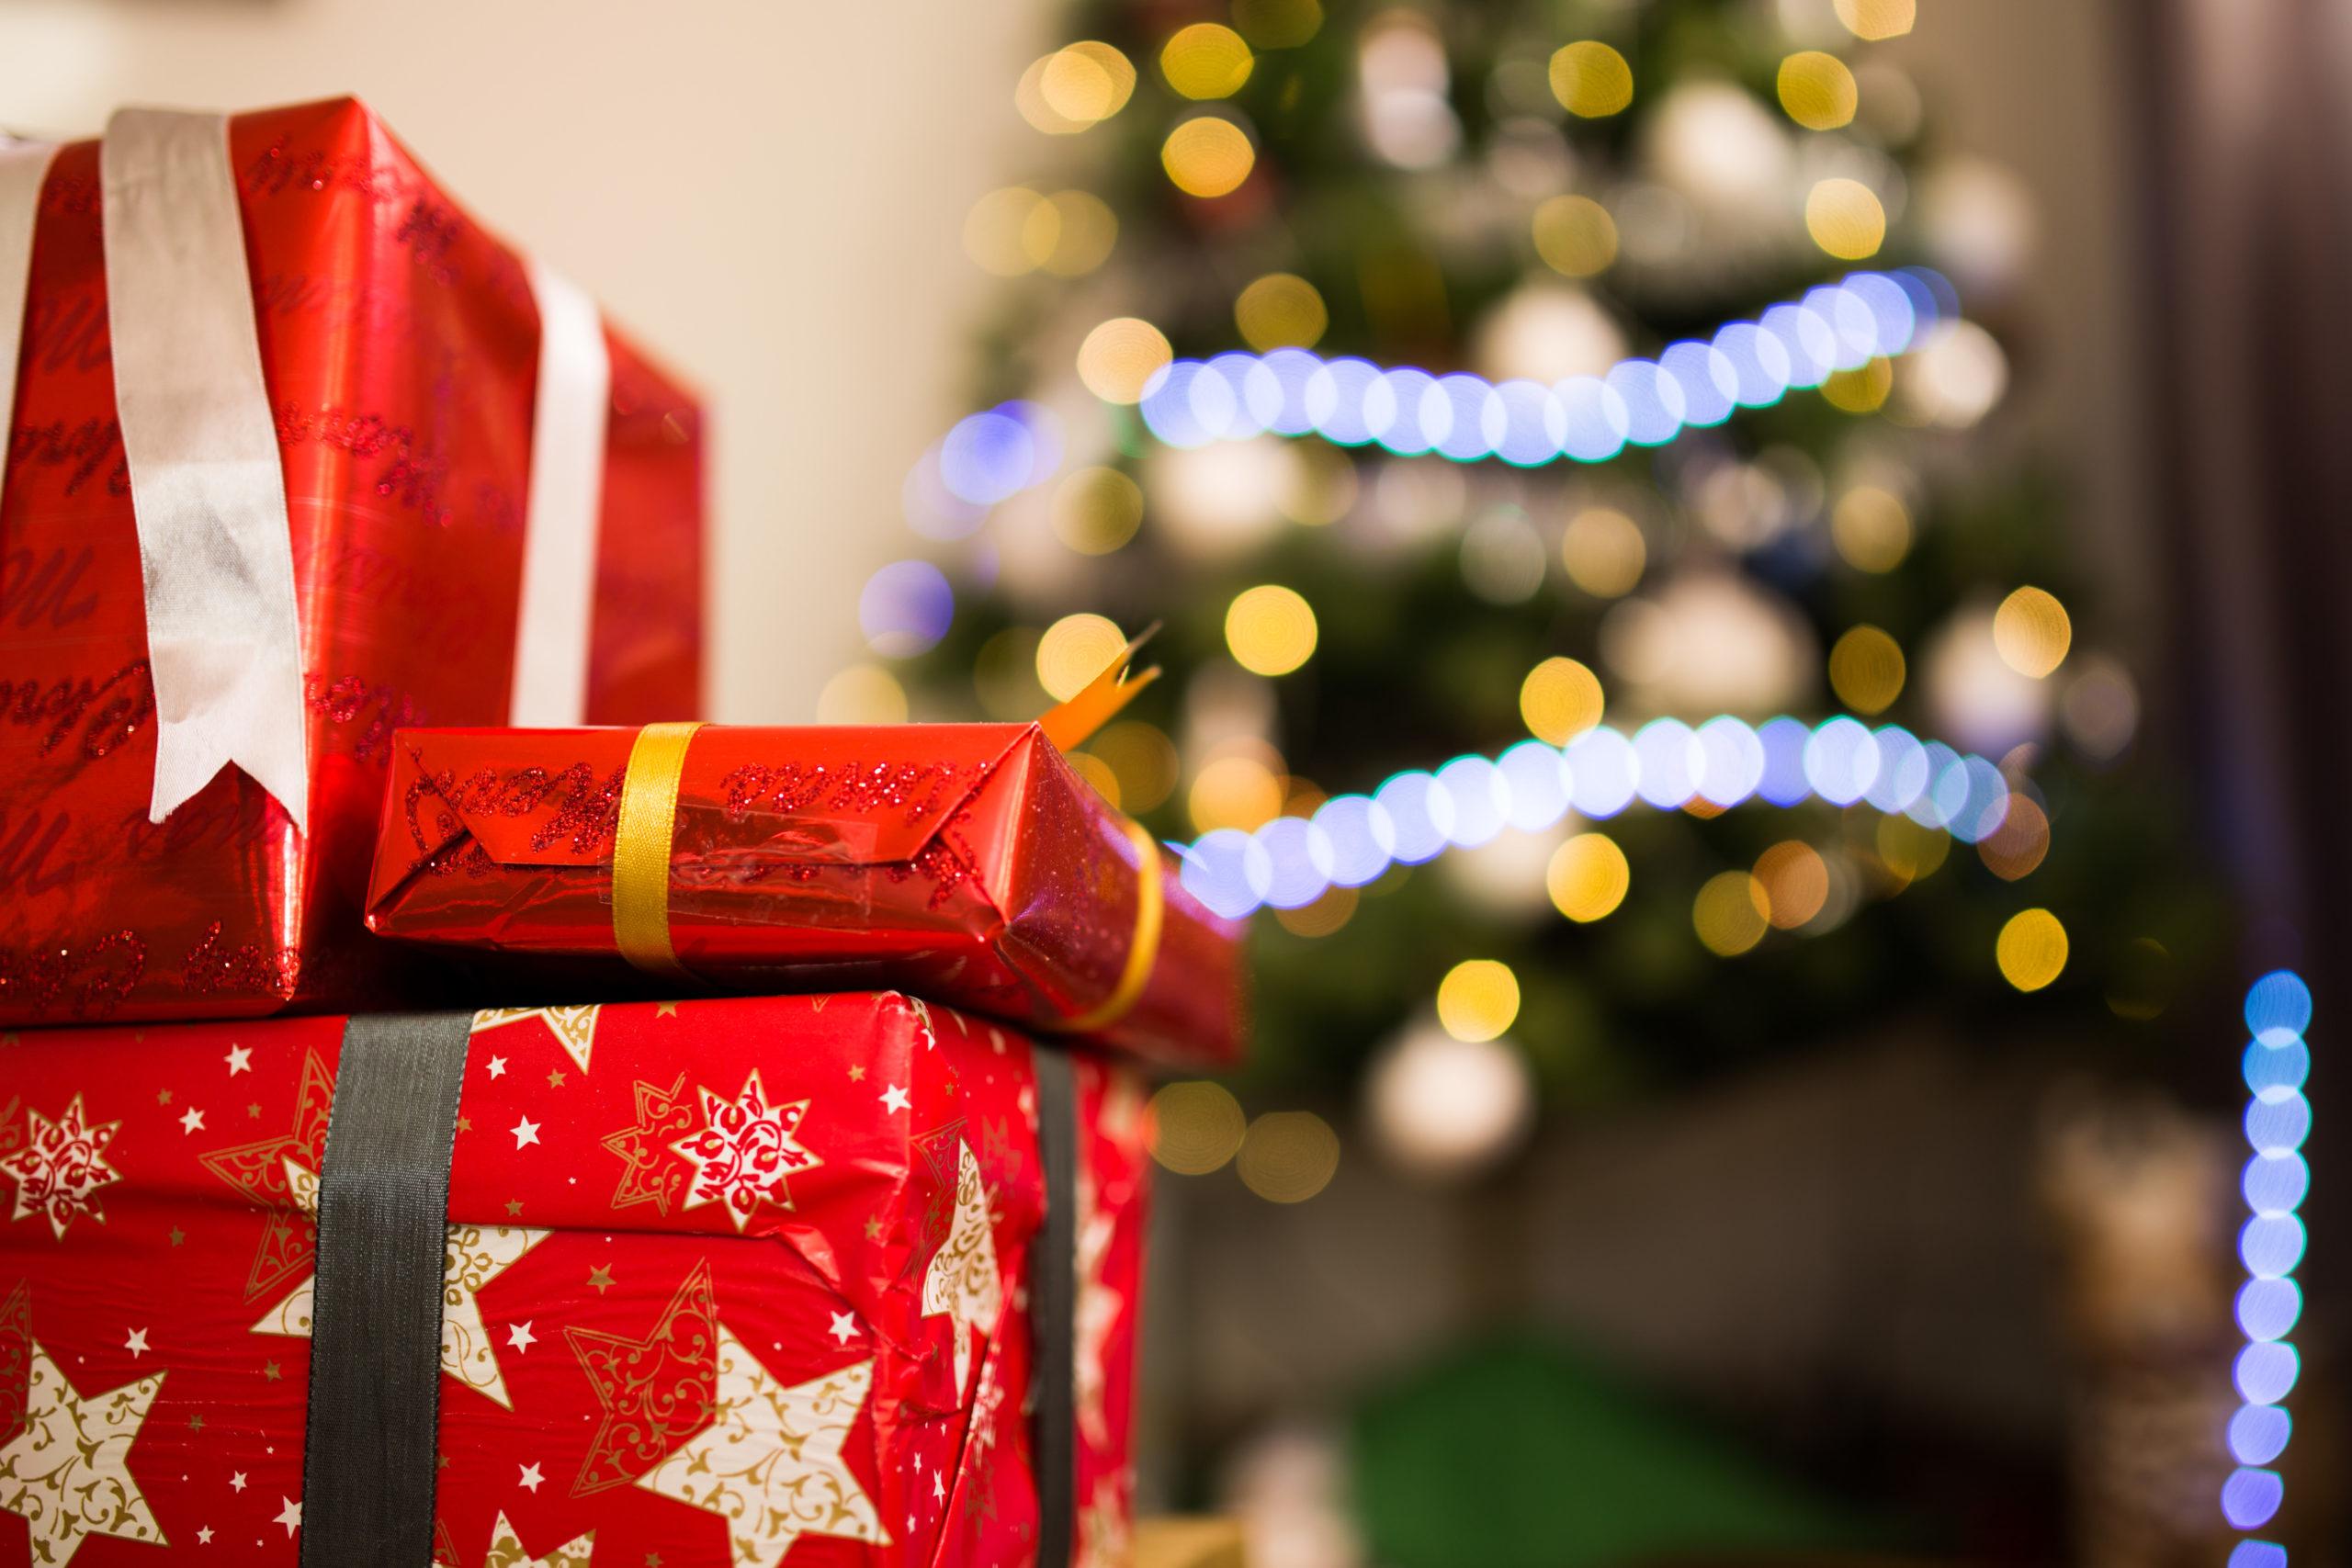 4 regali che da bambini non volevamo ricevere a Natale